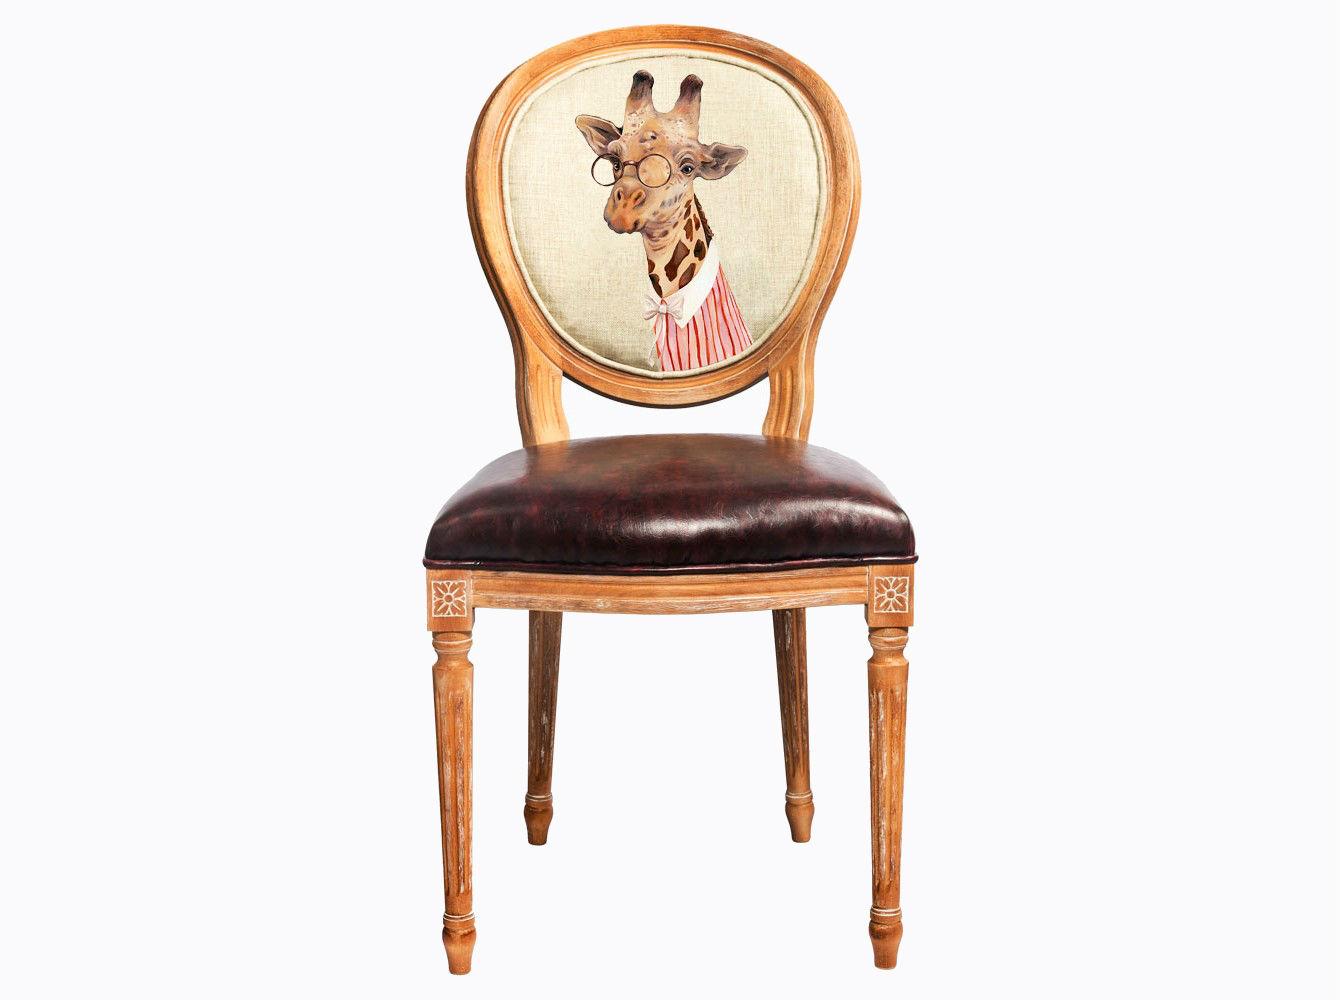 Стул «Мисс Сафари»Обеденные стулья<br>&amp;lt;div&amp;gt;Погружаясь в увлекательный сценарий интерьерного театра, не забывайте о практичности и долговечности Вашей мебели.&amp;amp;nbsp;&amp;lt;/div&amp;gt;&amp;lt;div&amp;gt;Приобретая такую модель, можно быть уверенными в её эклектичном единстве с роскошным &amp;quot;ренессансом&amp;quot; и изнеженным &amp;quot;ампиром&amp;quot;, аскетичным &amp;quot;модерном&amp;quot; и салонным &amp;quot;ар-деко&amp;quot;.&amp;amp;nbsp;&amp;lt;/div&amp;gt;&amp;lt;div&amp;gt;&amp;lt;br&amp;gt;&amp;lt;/div&amp;gt;&amp;lt;div&amp;gt;Корпус стула «Мисс Сафари» изготовлен из натурального бука, древесина которого отличается крепостью и твёрдостью.&amp;amp;nbsp;&amp;lt;/div&amp;gt;&amp;lt;div&amp;gt;Обивка спинки оснащена тефлоновым покрытием против пятен.&amp;amp;nbsp;&amp;lt;/div&amp;gt;&amp;lt;div&amp;gt;Сиденье, укрепленное подвеской из эластичных ремней, обладает прочностью и истинным комфортом.&amp;amp;nbsp;&amp;lt;/div&amp;gt;Материал: бук, экокожа, лен, хлопок&amp;lt;div&amp;gt;&amp;lt;br&amp;gt;&amp;lt;div&amp;gt;&amp;lt;iframe width=&amp;quot;530&amp;quot; height=&amp;quot;315&amp;quot; src=&amp;quot;https://www.youtube.com/embed/3vitXSFtUrE&amp;quot; frameborder=&amp;quot;0&amp;quot; allowfullscreen=&amp;quot;&amp;quot;&amp;gt;&amp;lt;/iframe&amp;gt;&amp;lt;/div&amp;gt;&amp;lt;/div&amp;gt;<br><br>Material: Дерево<br>Ширина см: 47<br>Высота см: 98<br>Глубина см: 50